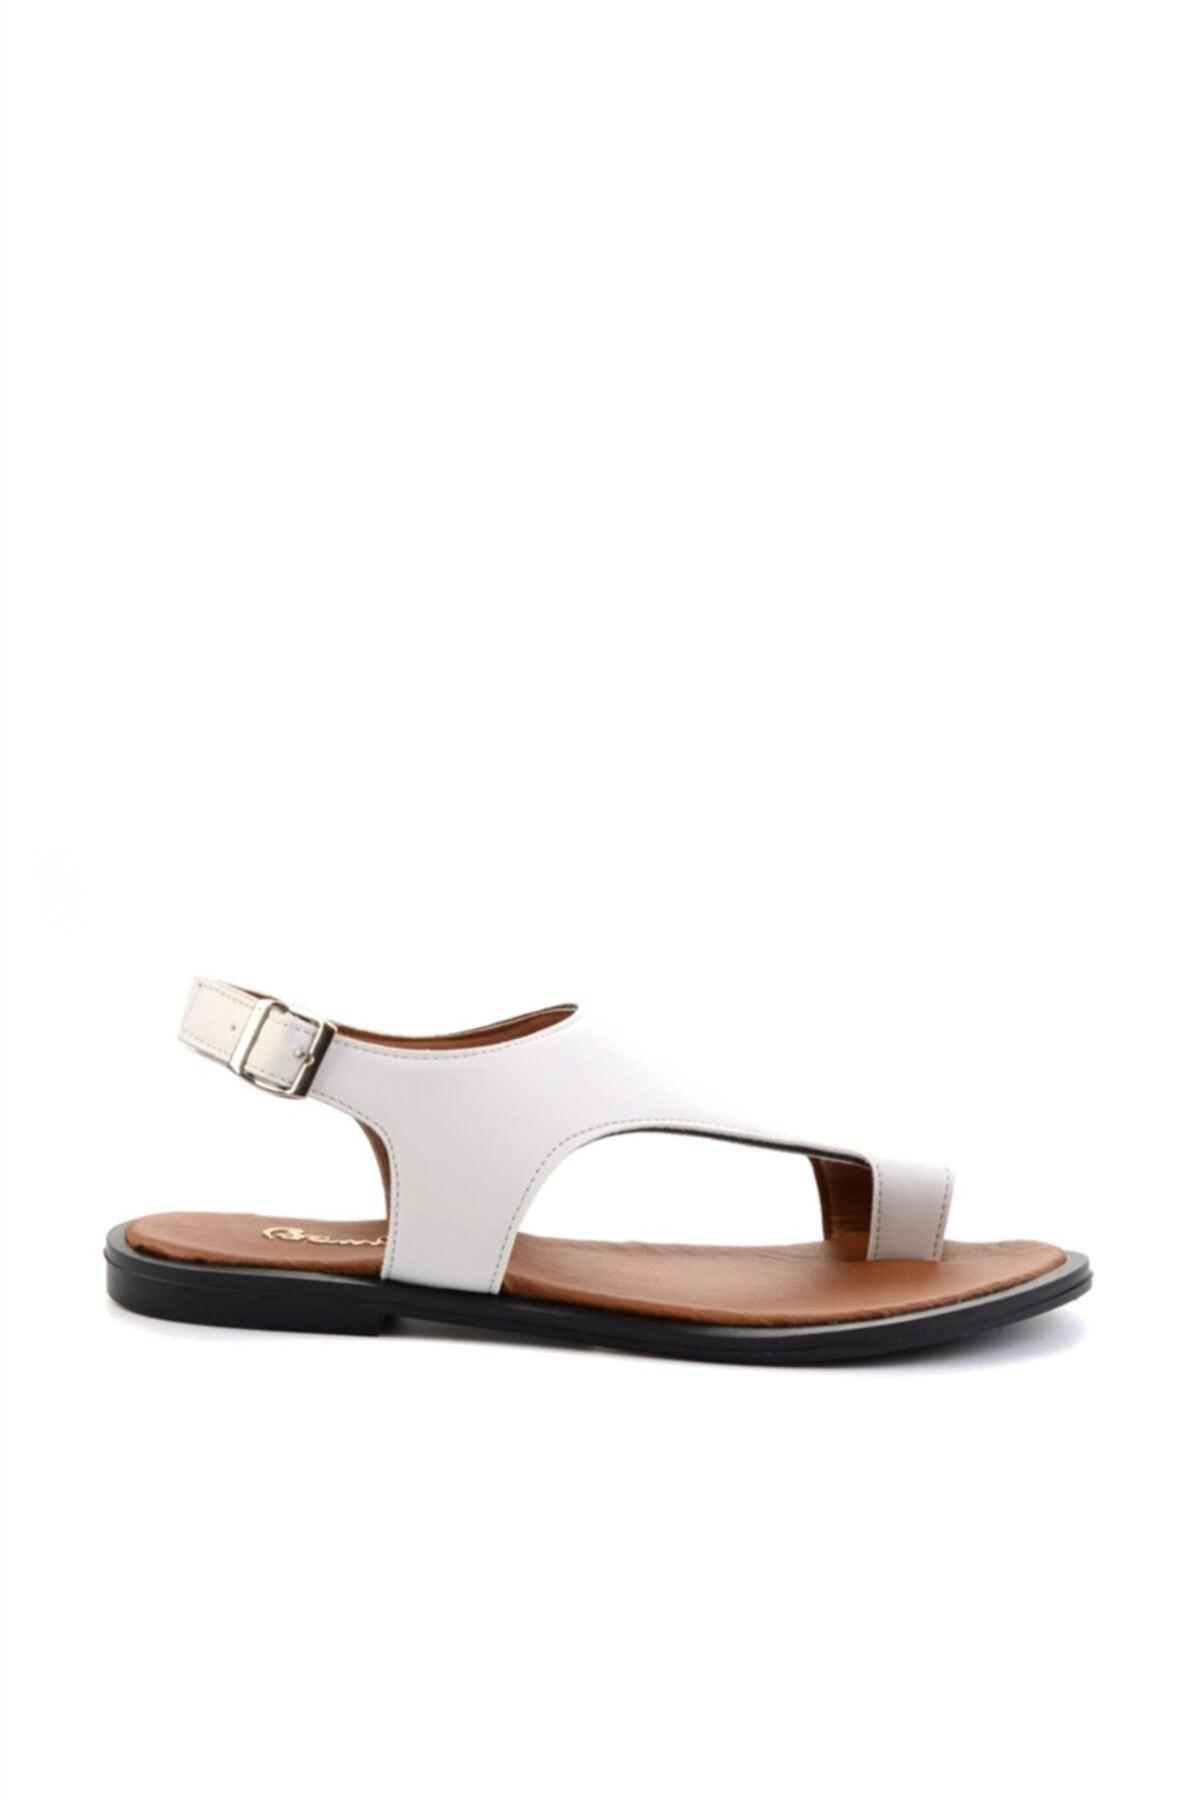 Bambi Beyaz Kadın Sandalet L0835121009 2